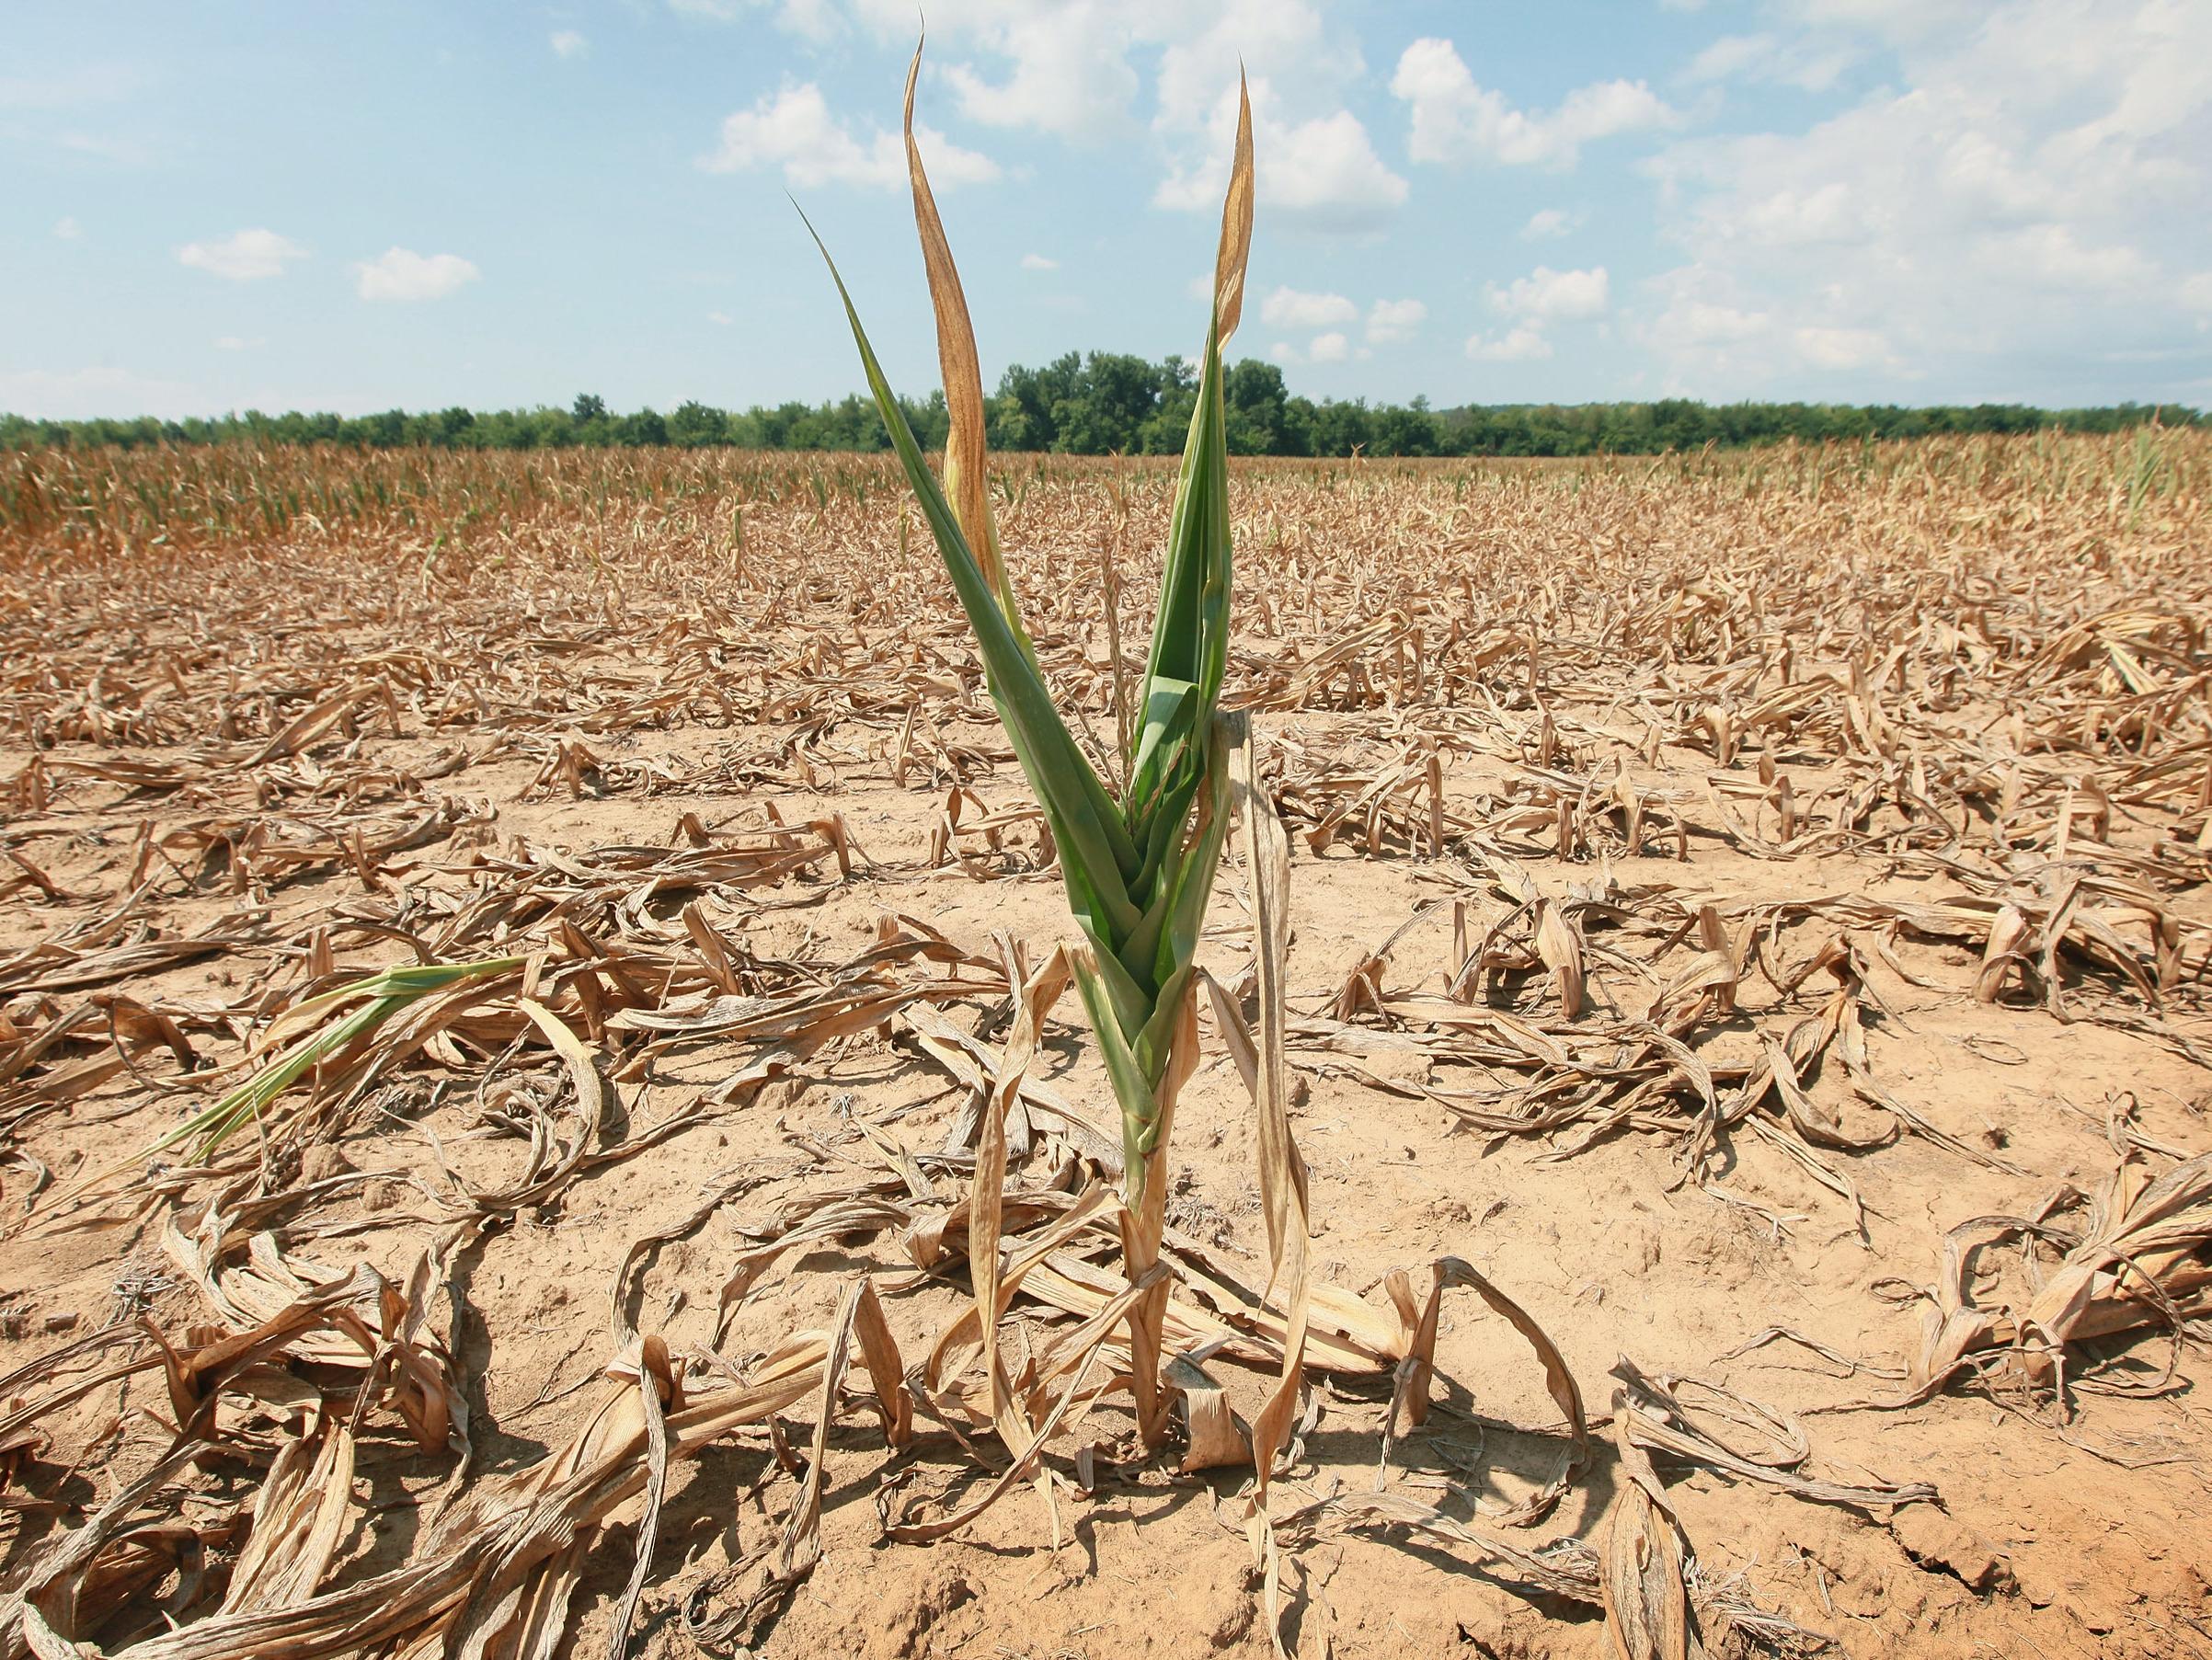 Desarrollan fertilizante natural que permite cultivar en suelos desérticos